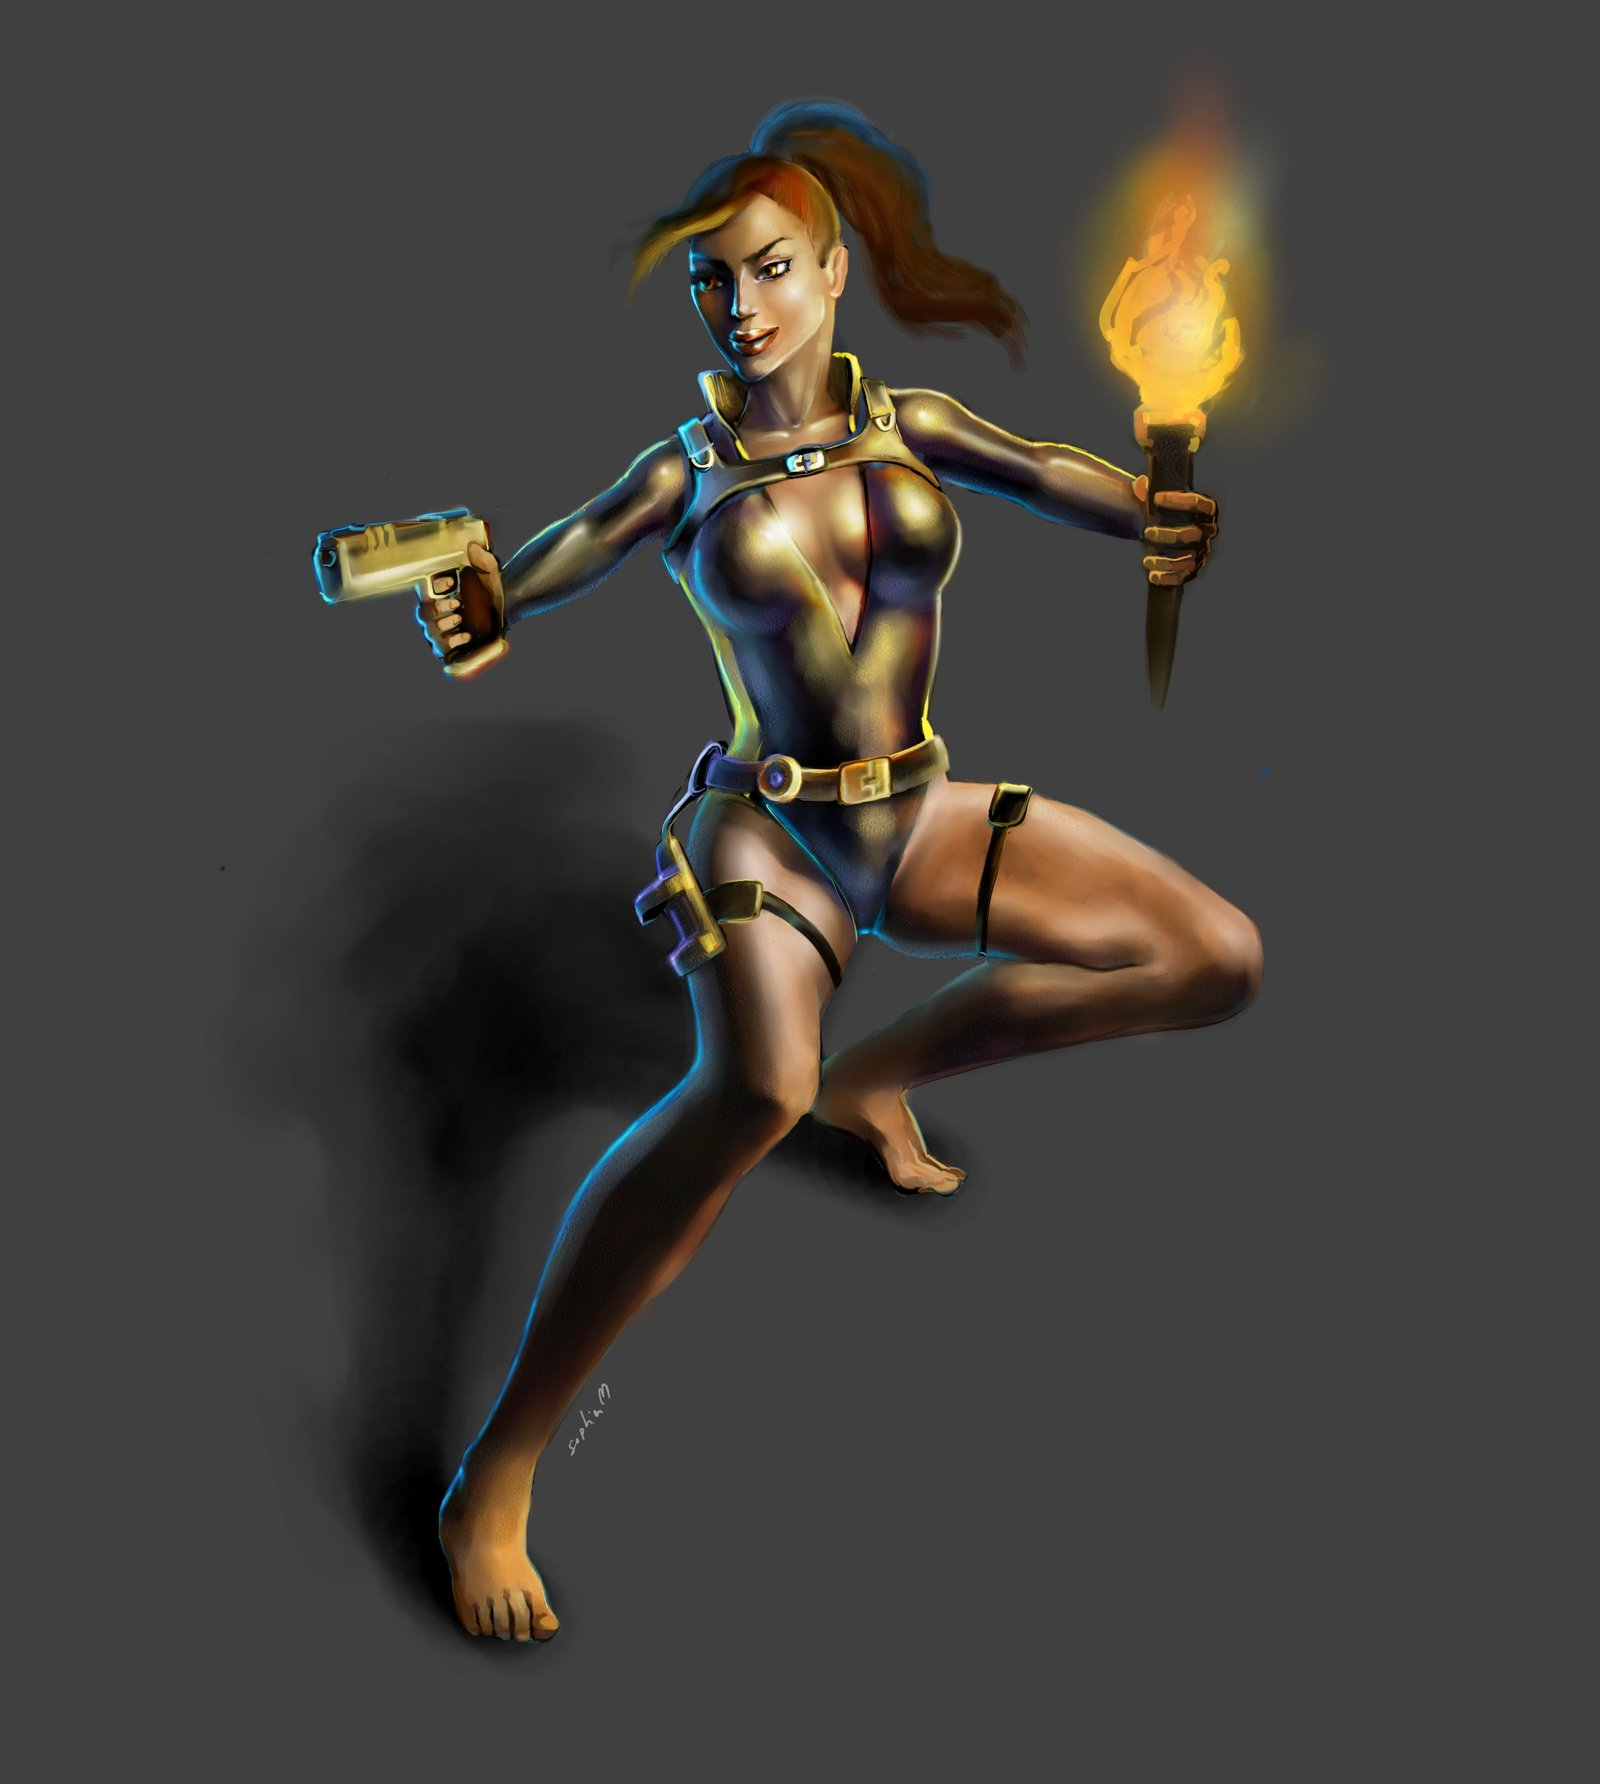 Tomb Raider Underworld Wallpaper: Lara Croft Underworld Wallpaper